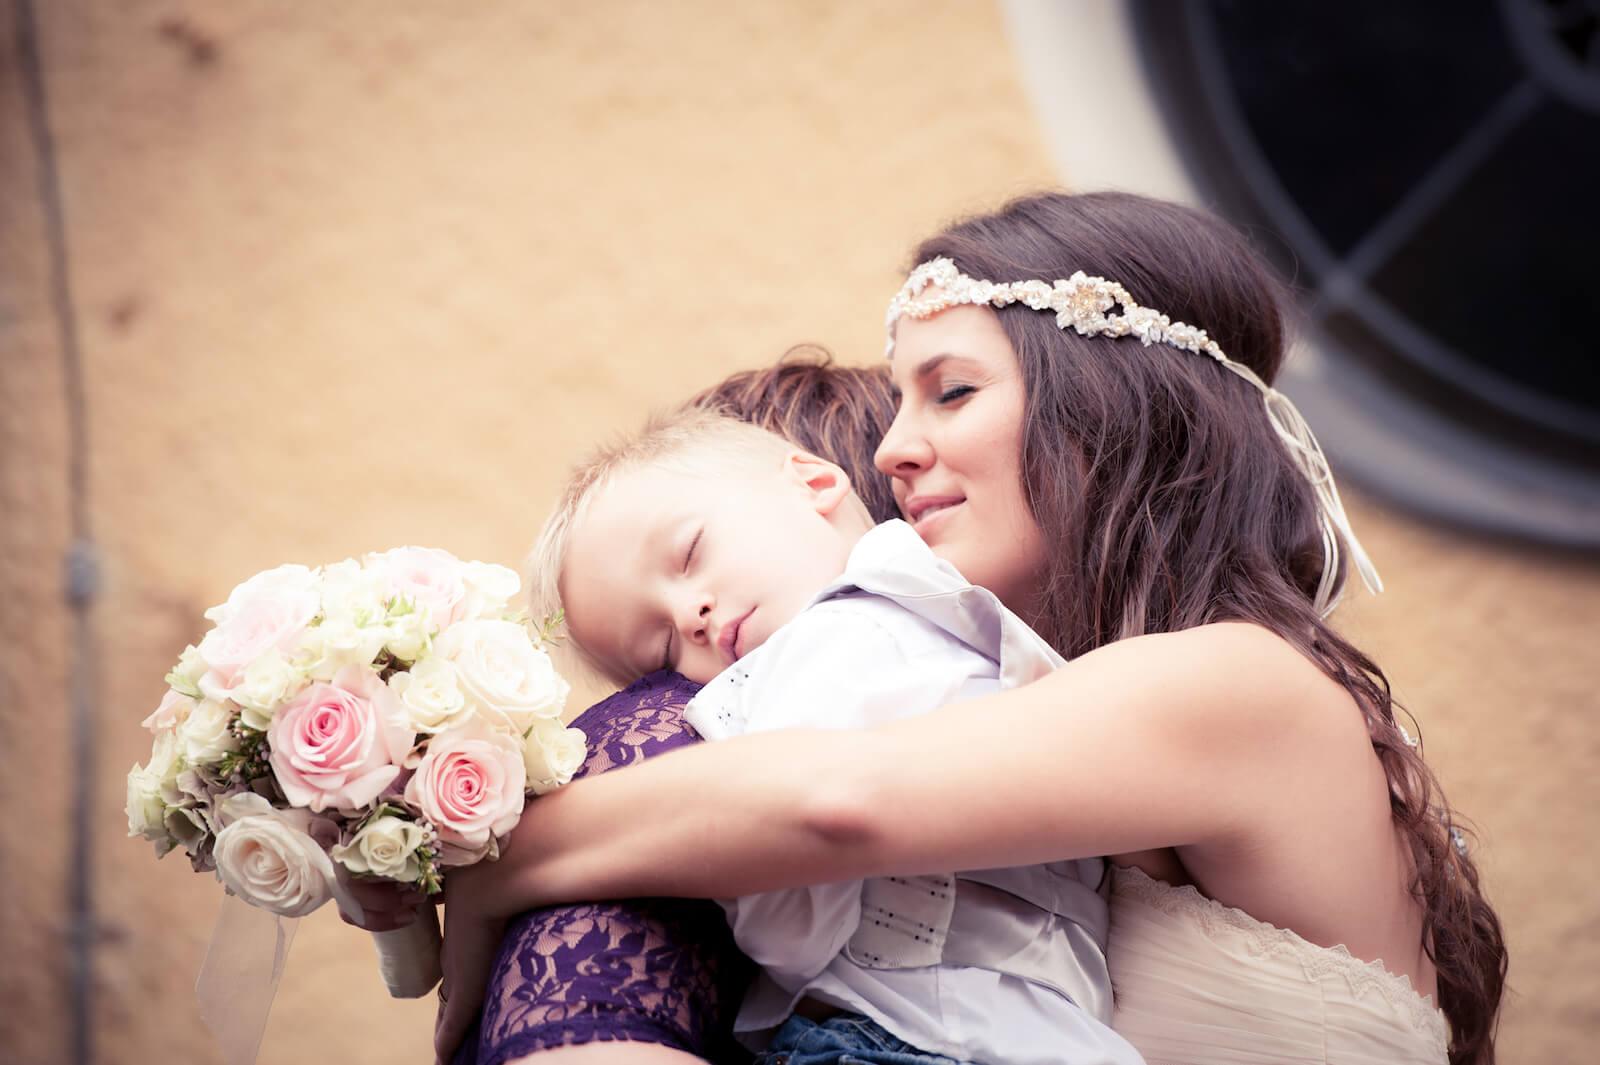 Hochzeit Bohostyle Landsberg - die Braut umarmt Mutter mit Kind